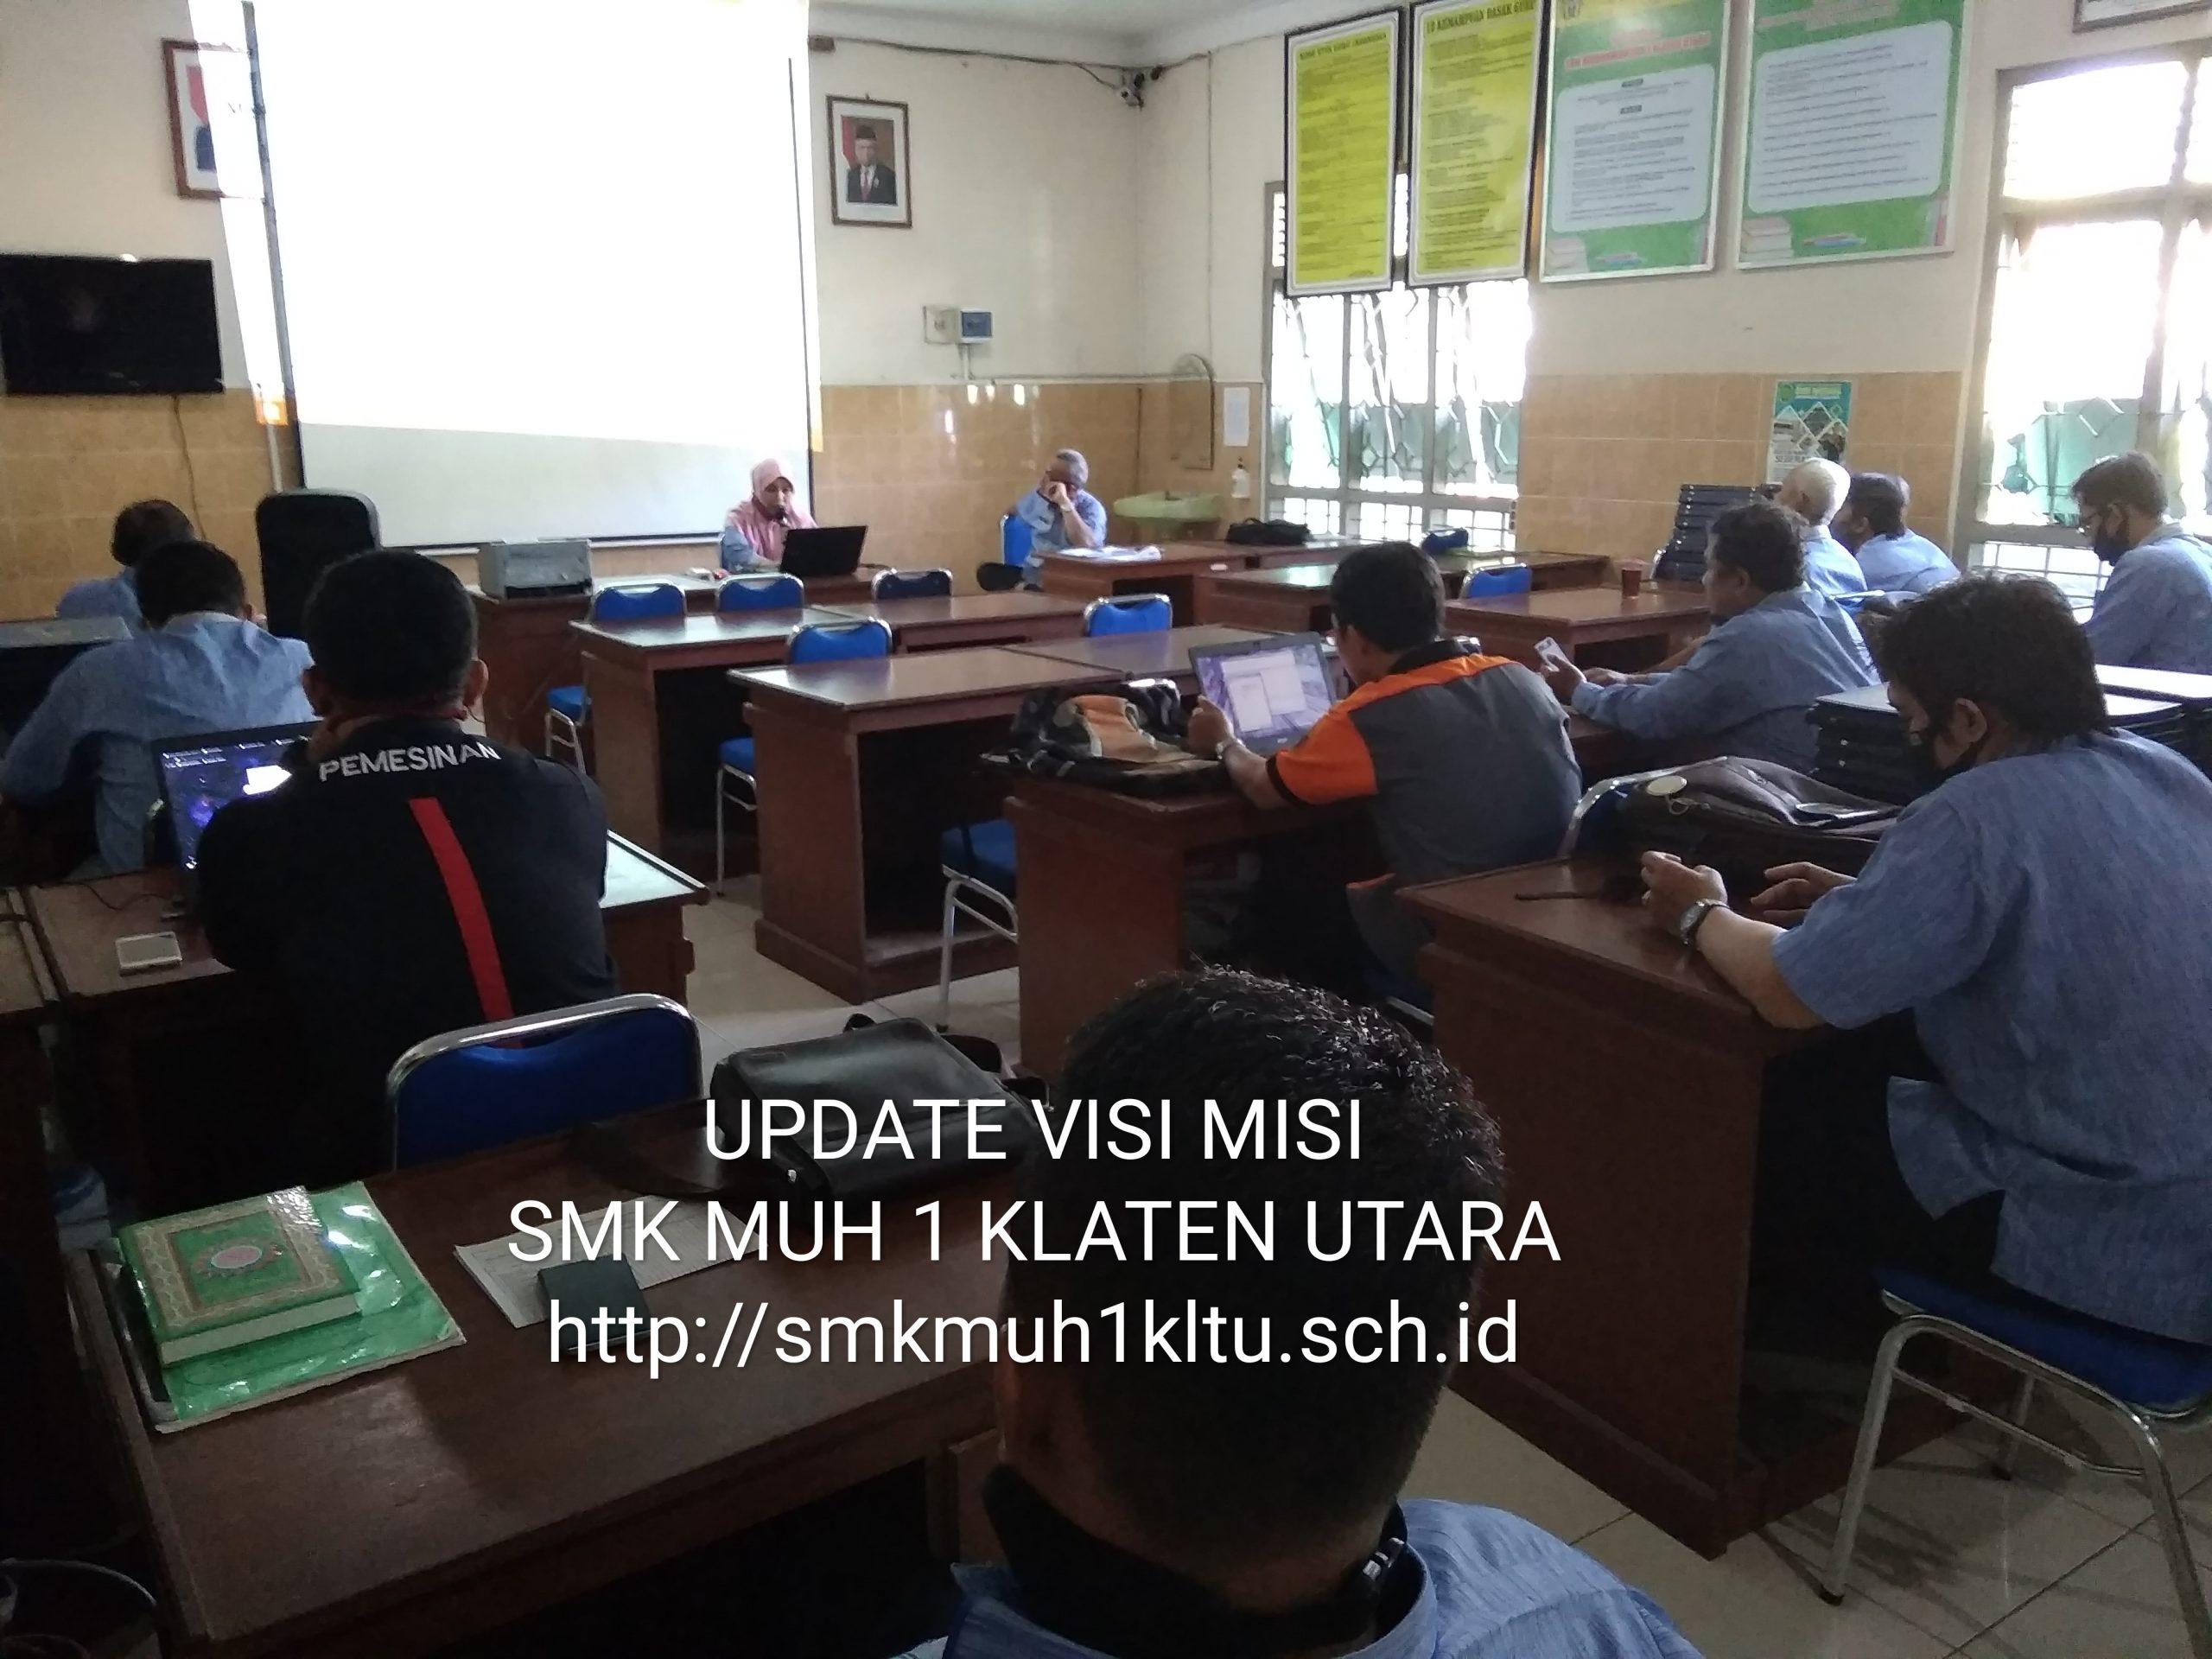 Visi, Misi dan Sasaran Mutu SMK Muhammadiyah 1 Klaten Utara